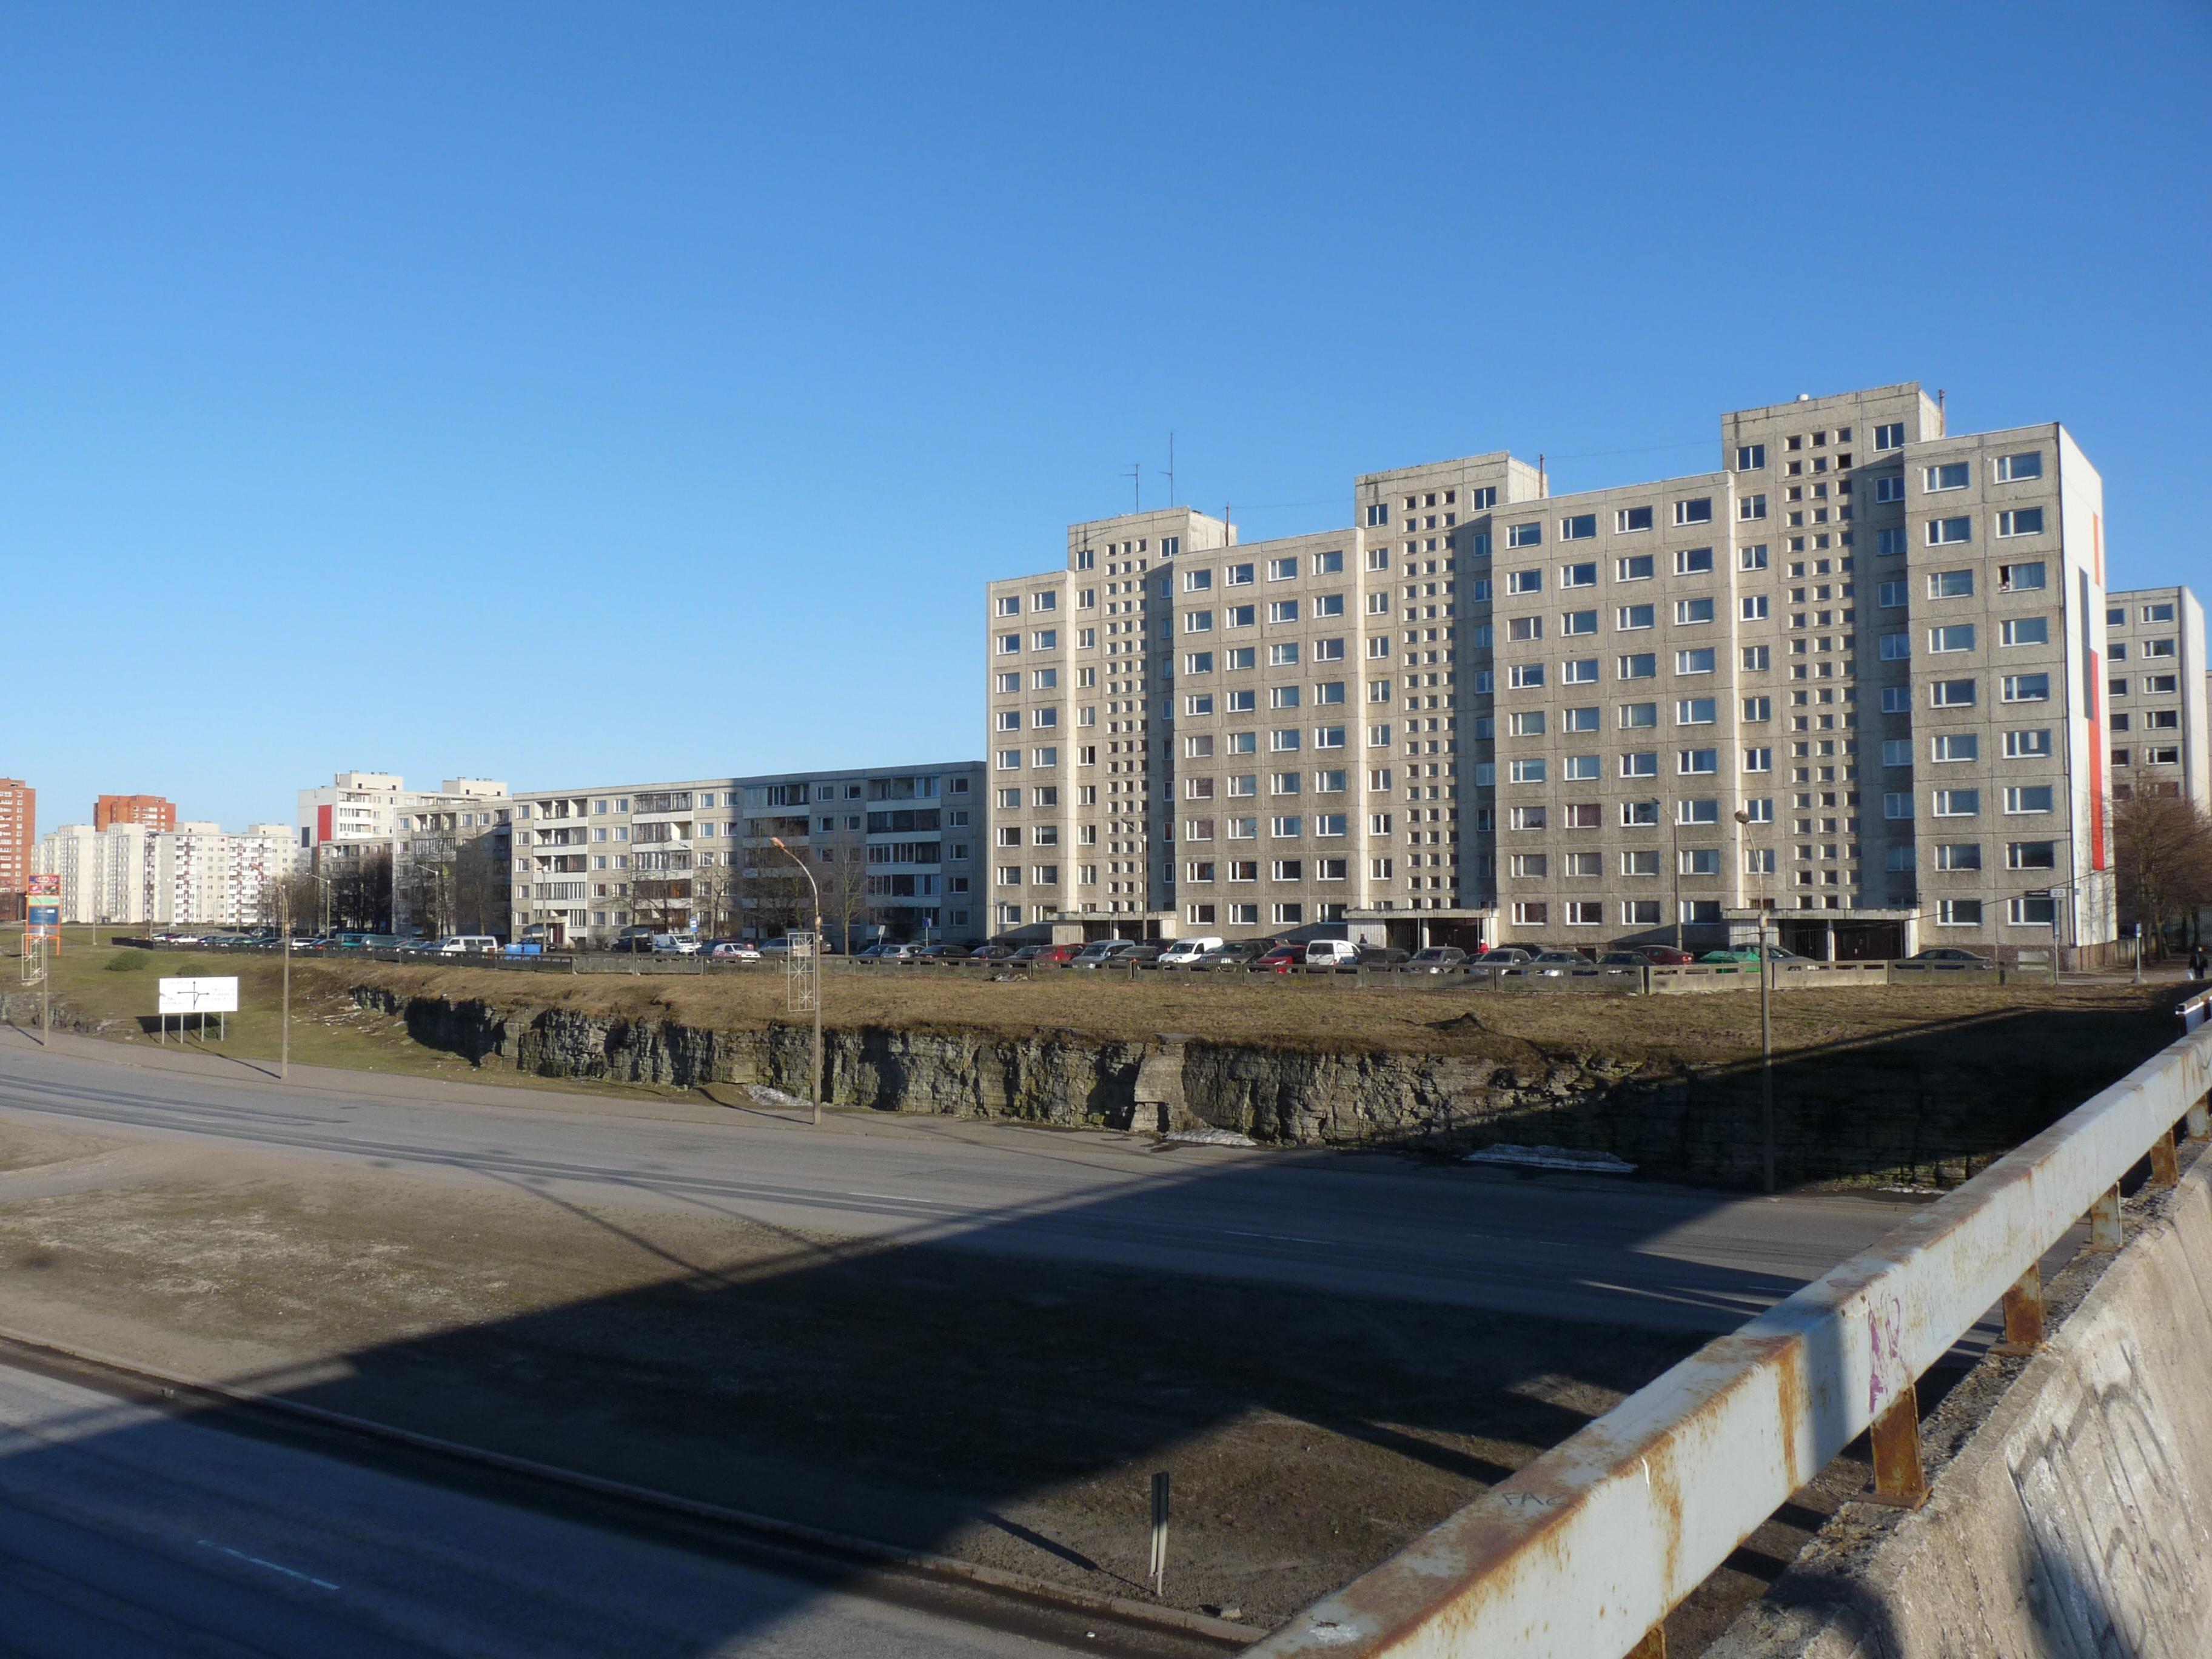 Pae (Tallinn)